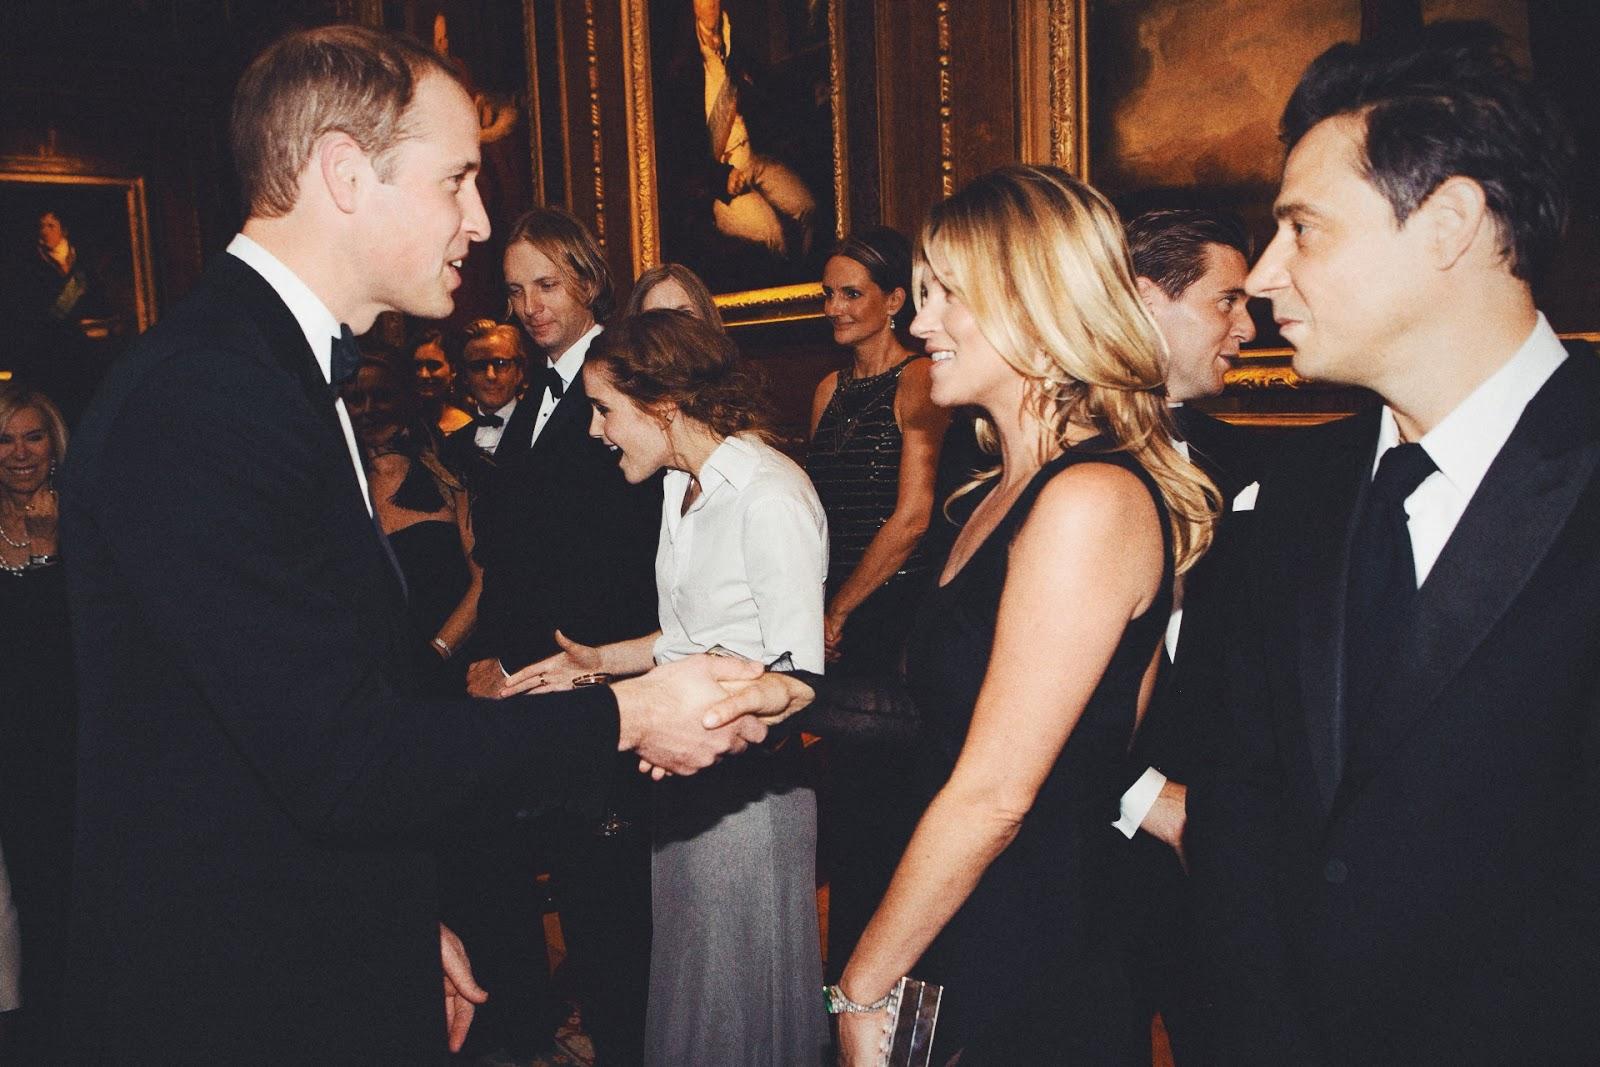 Jamie Hince in Alexander McQueen - The Royal Marsden Celebrated in Windsor